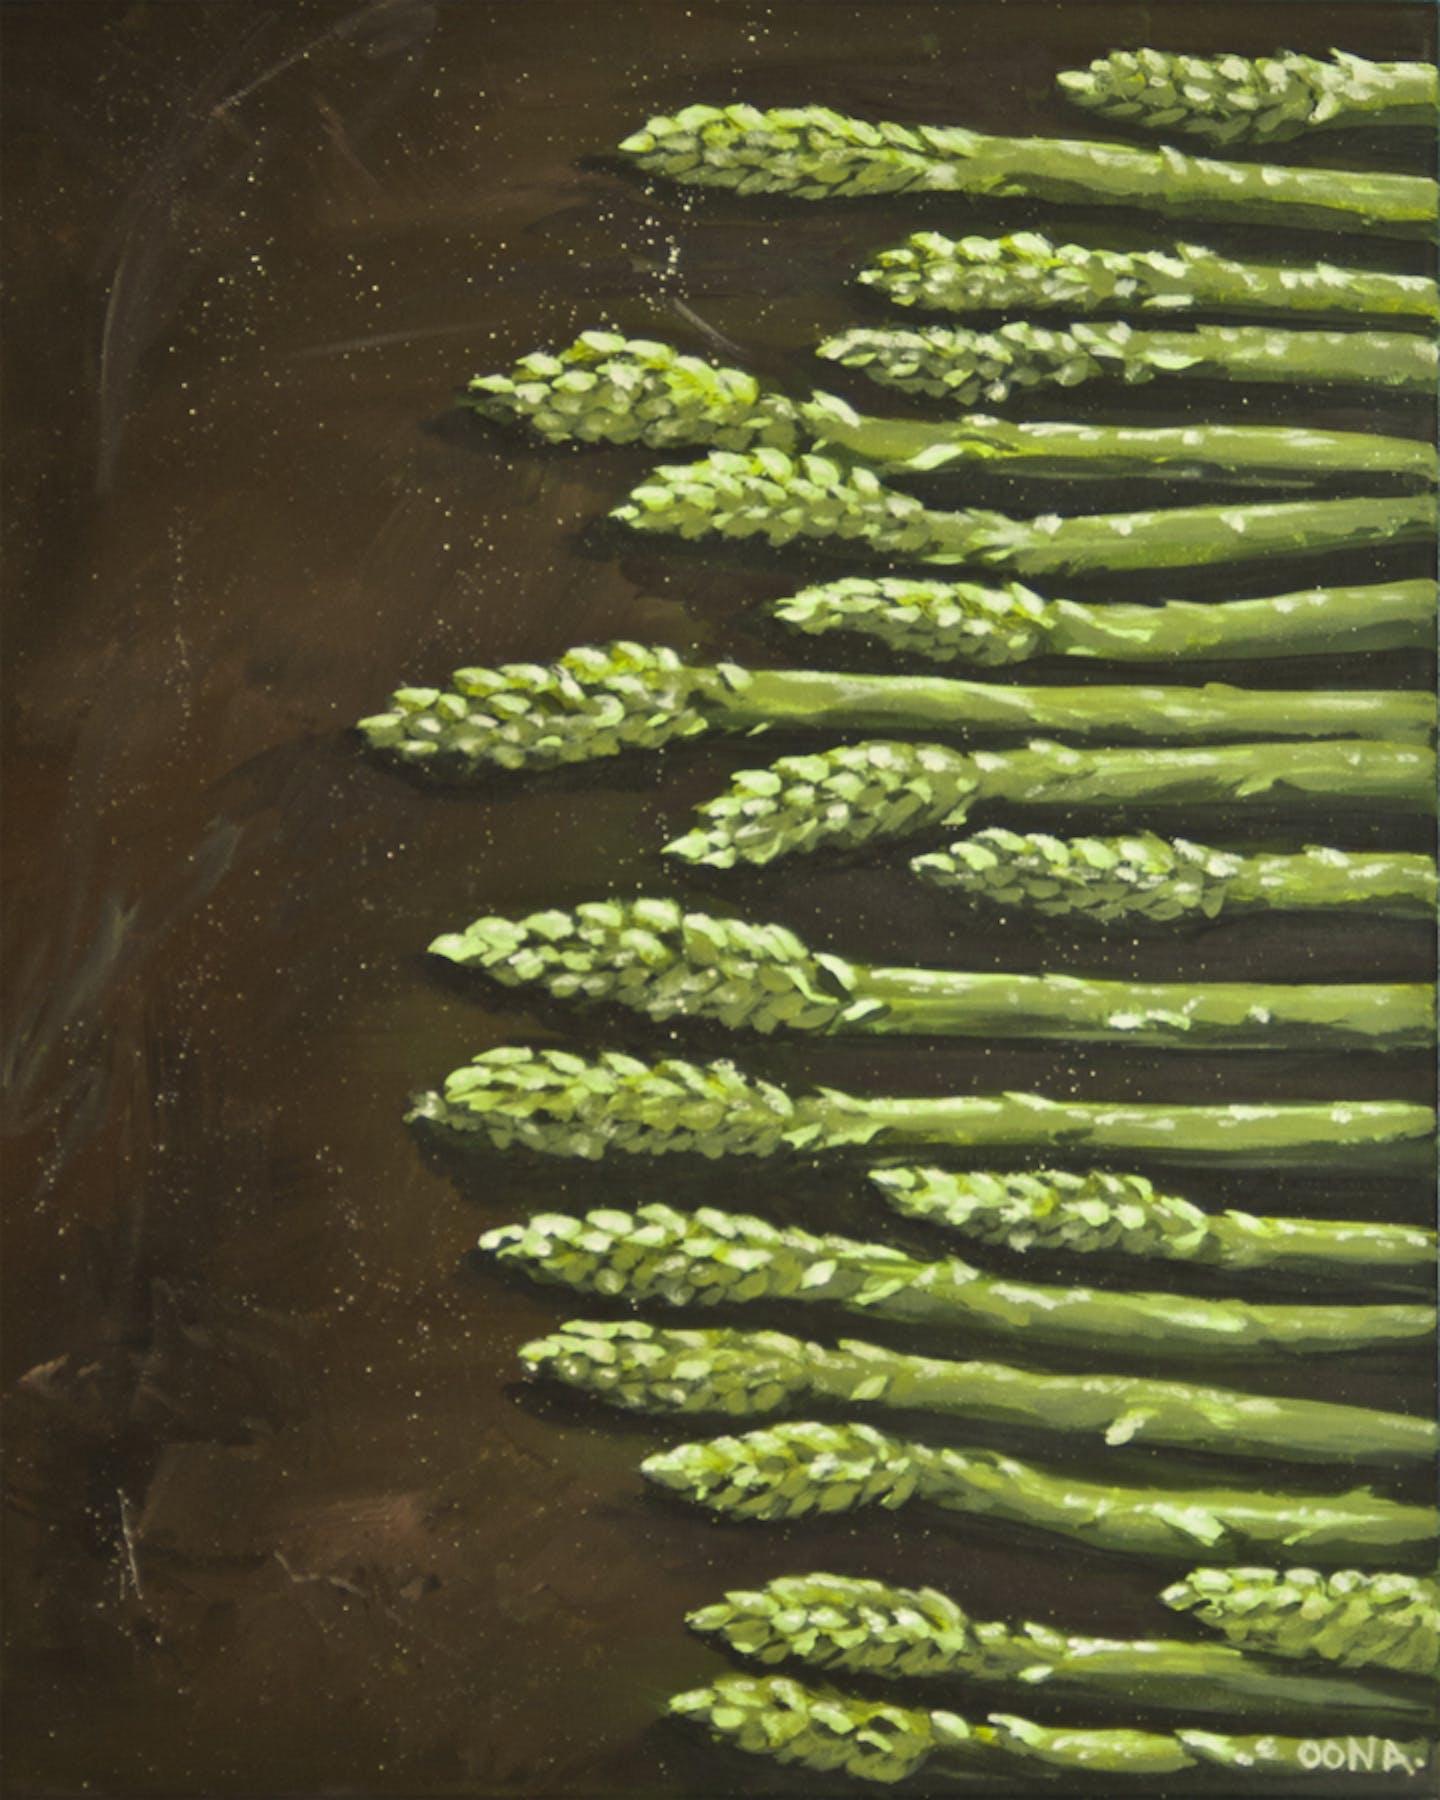 Oona asparagus